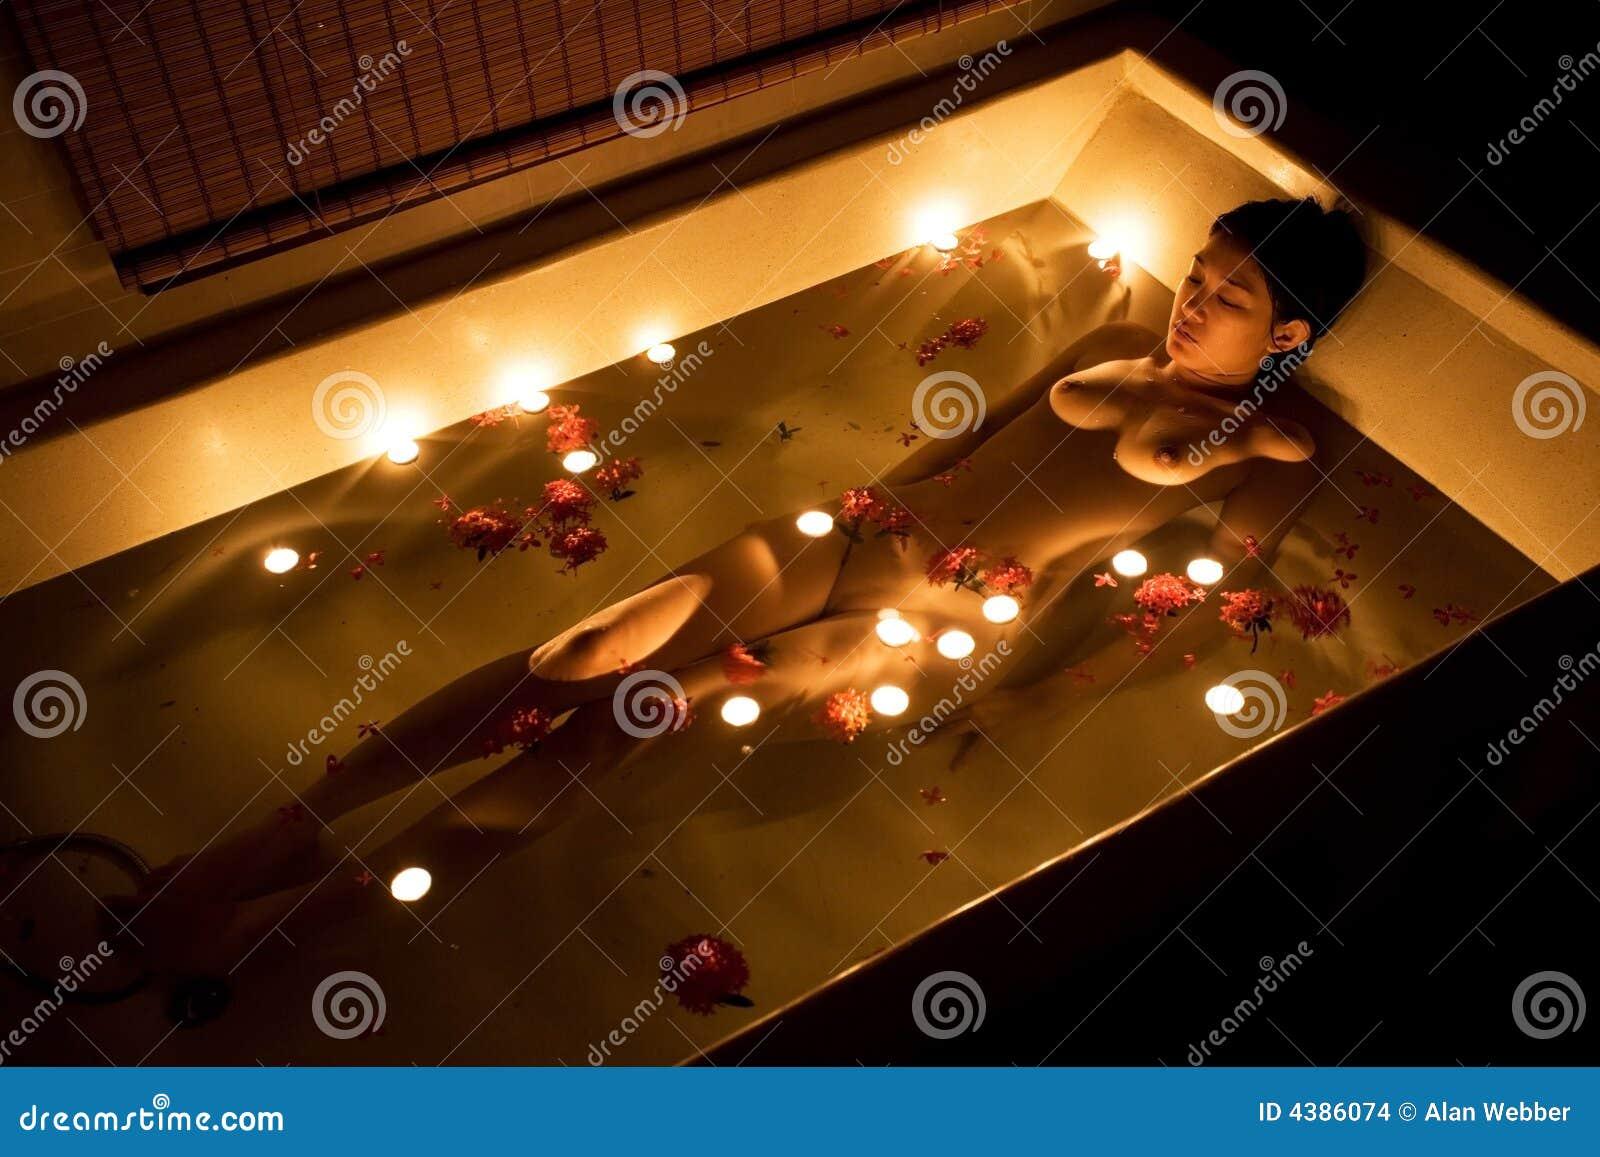 Bagno Romantico Foto : Bagno romantico fotografia stock immagine di figura notte